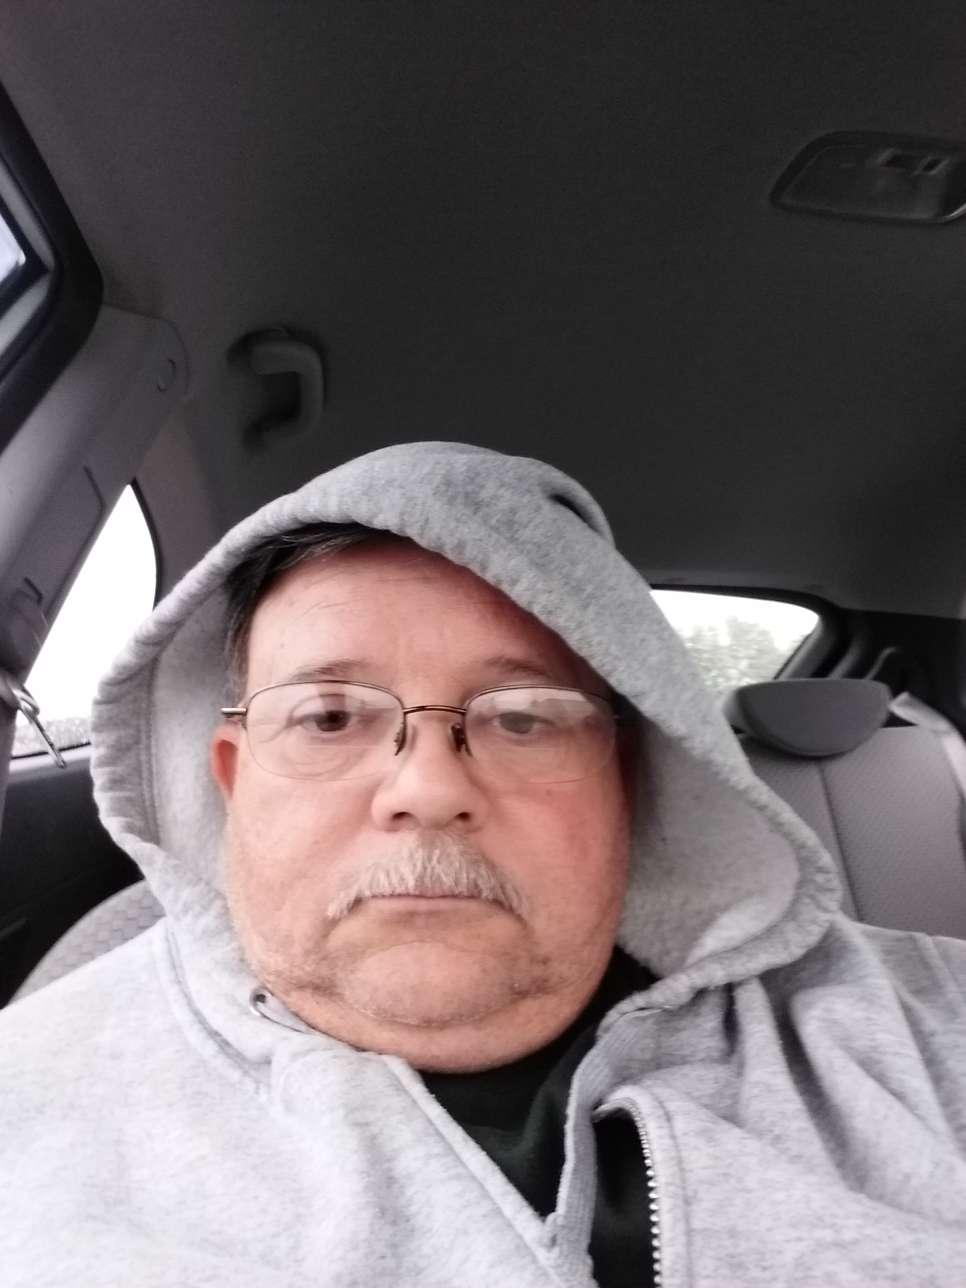 Randy Fields's profile image